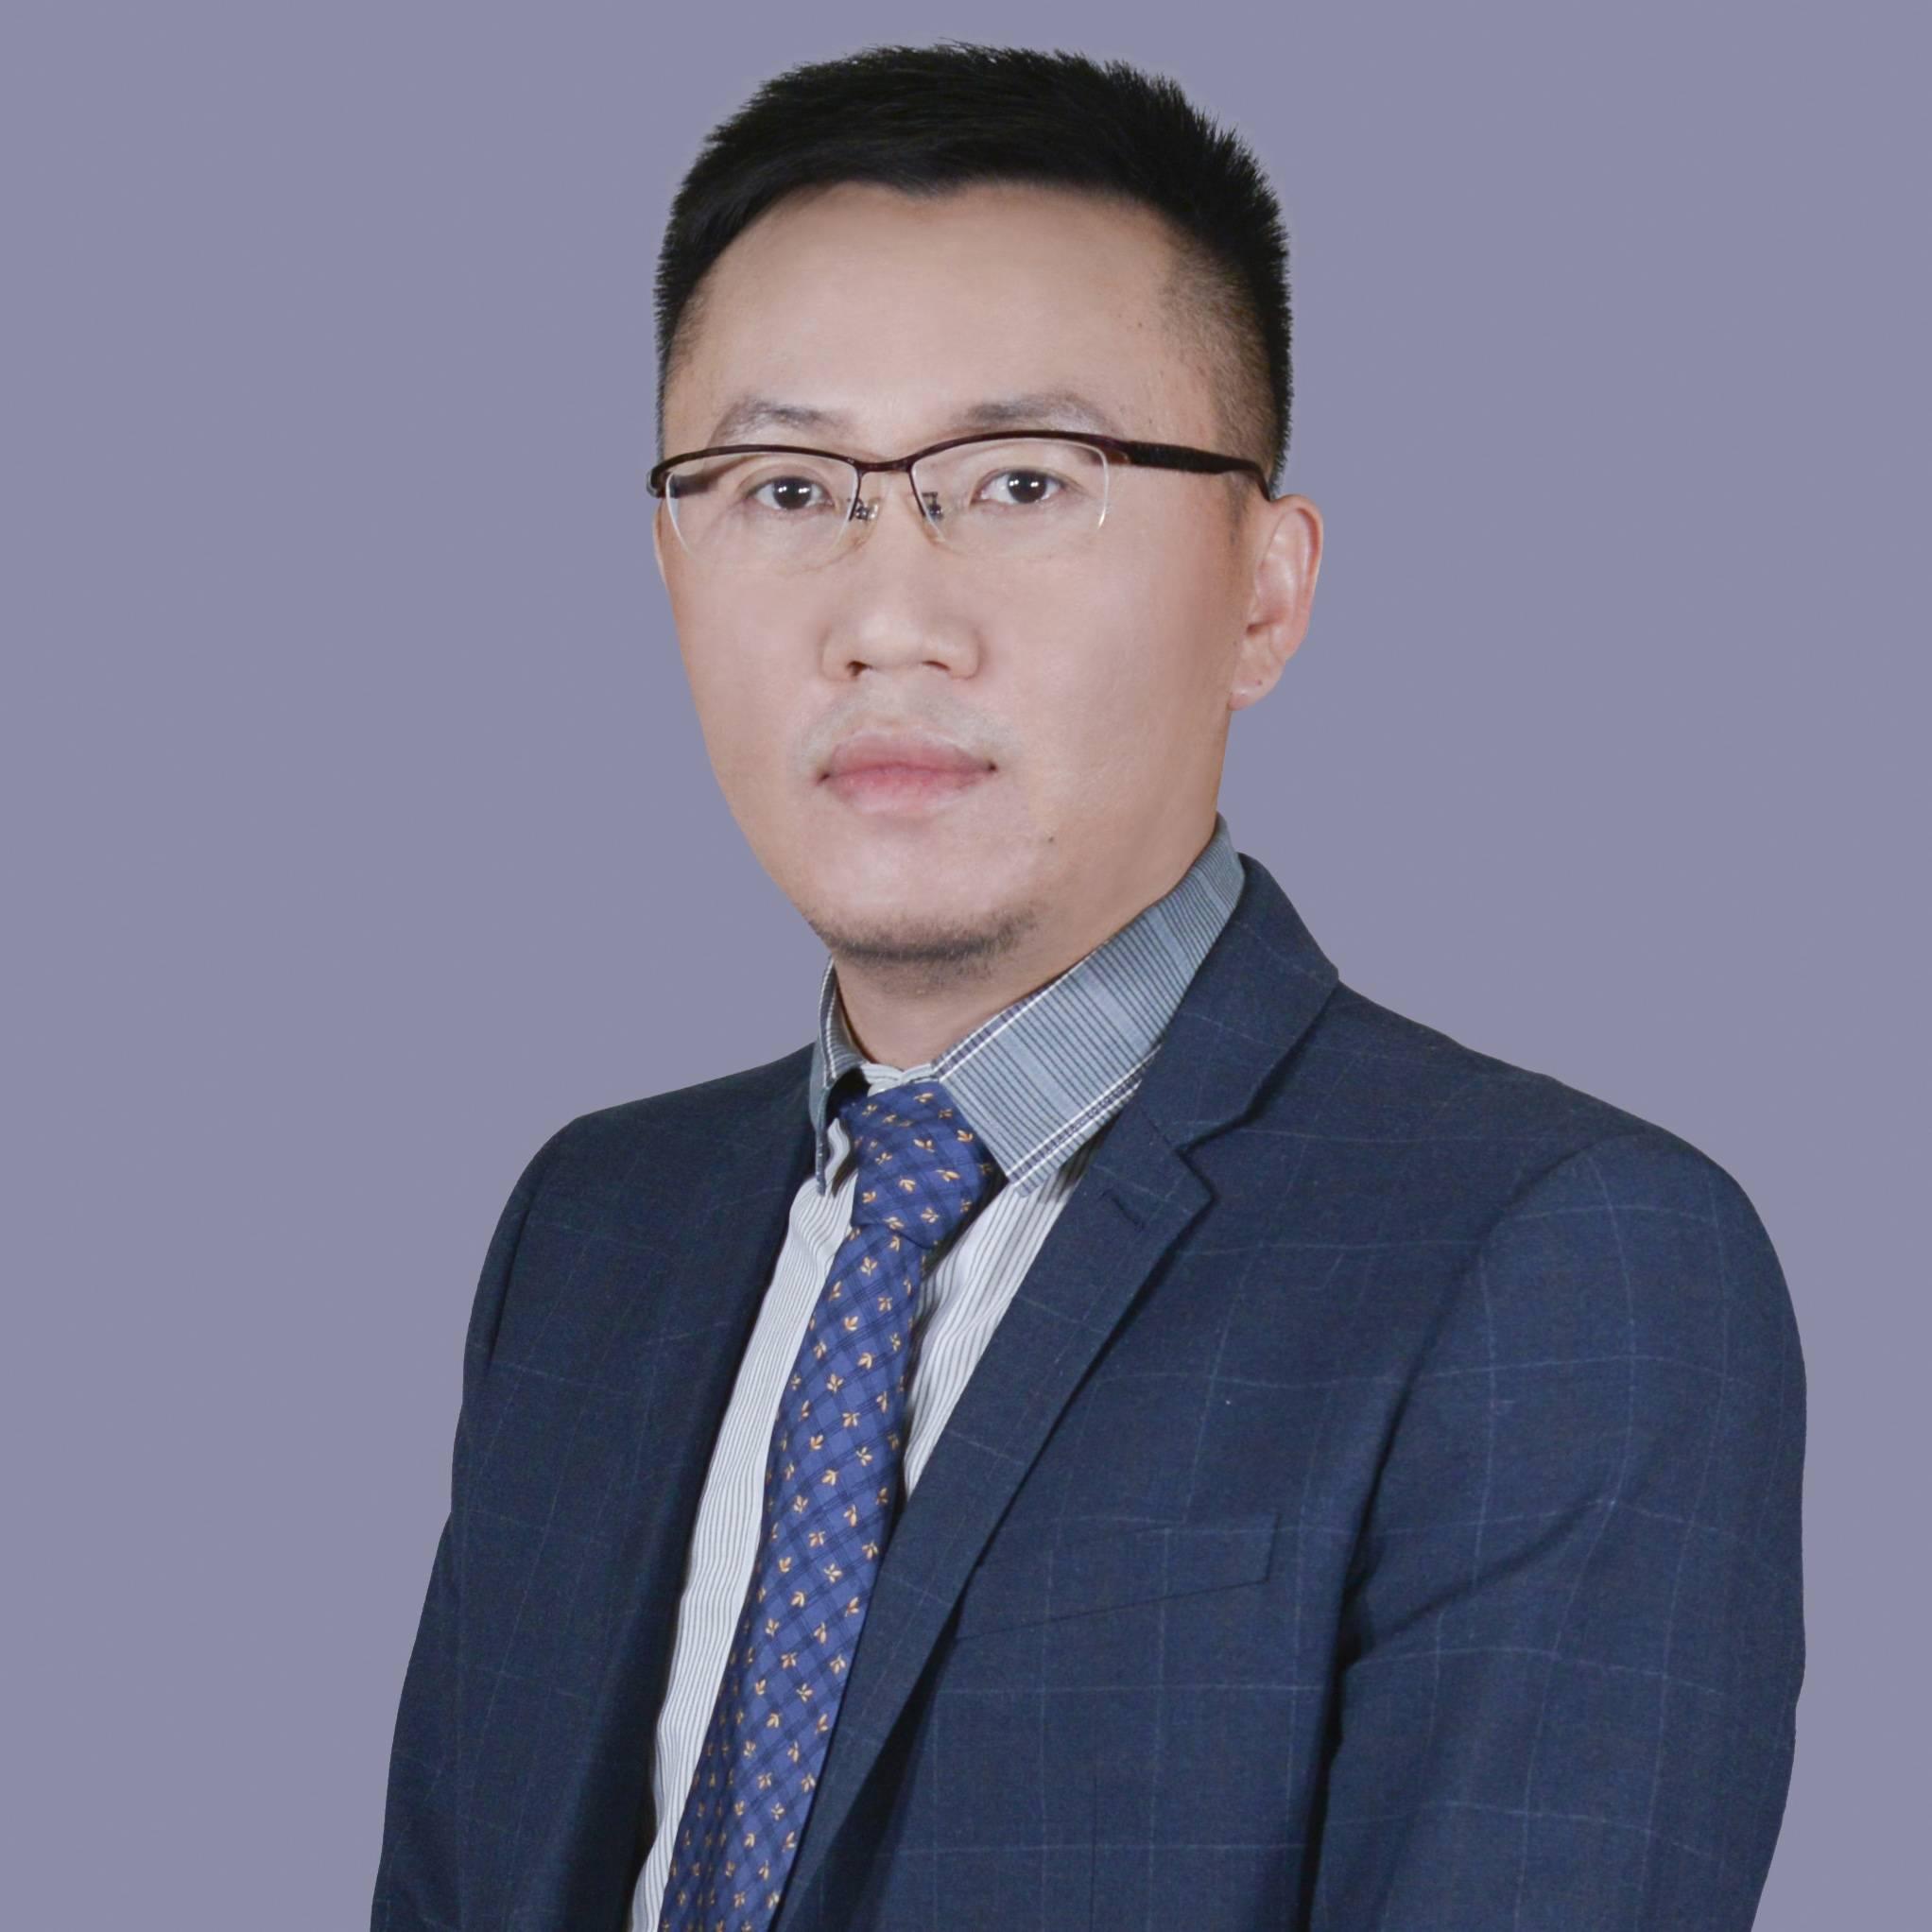 百信銀行 副首席戰略官、戰略部總經理 陳龍強